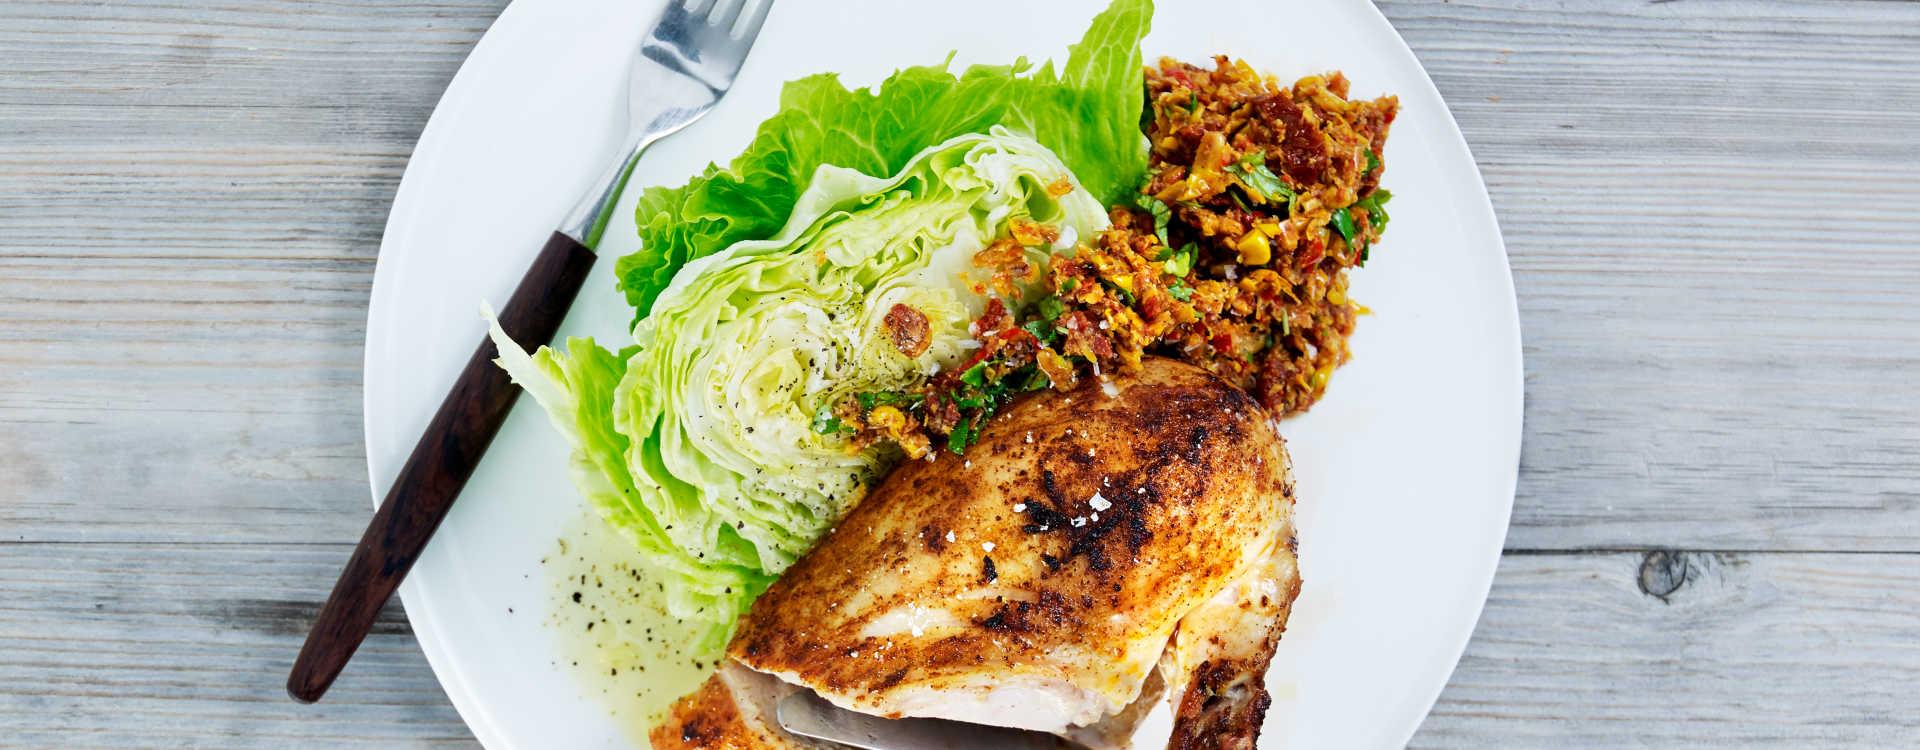 Hel grillet kylling med persille og maissalsa